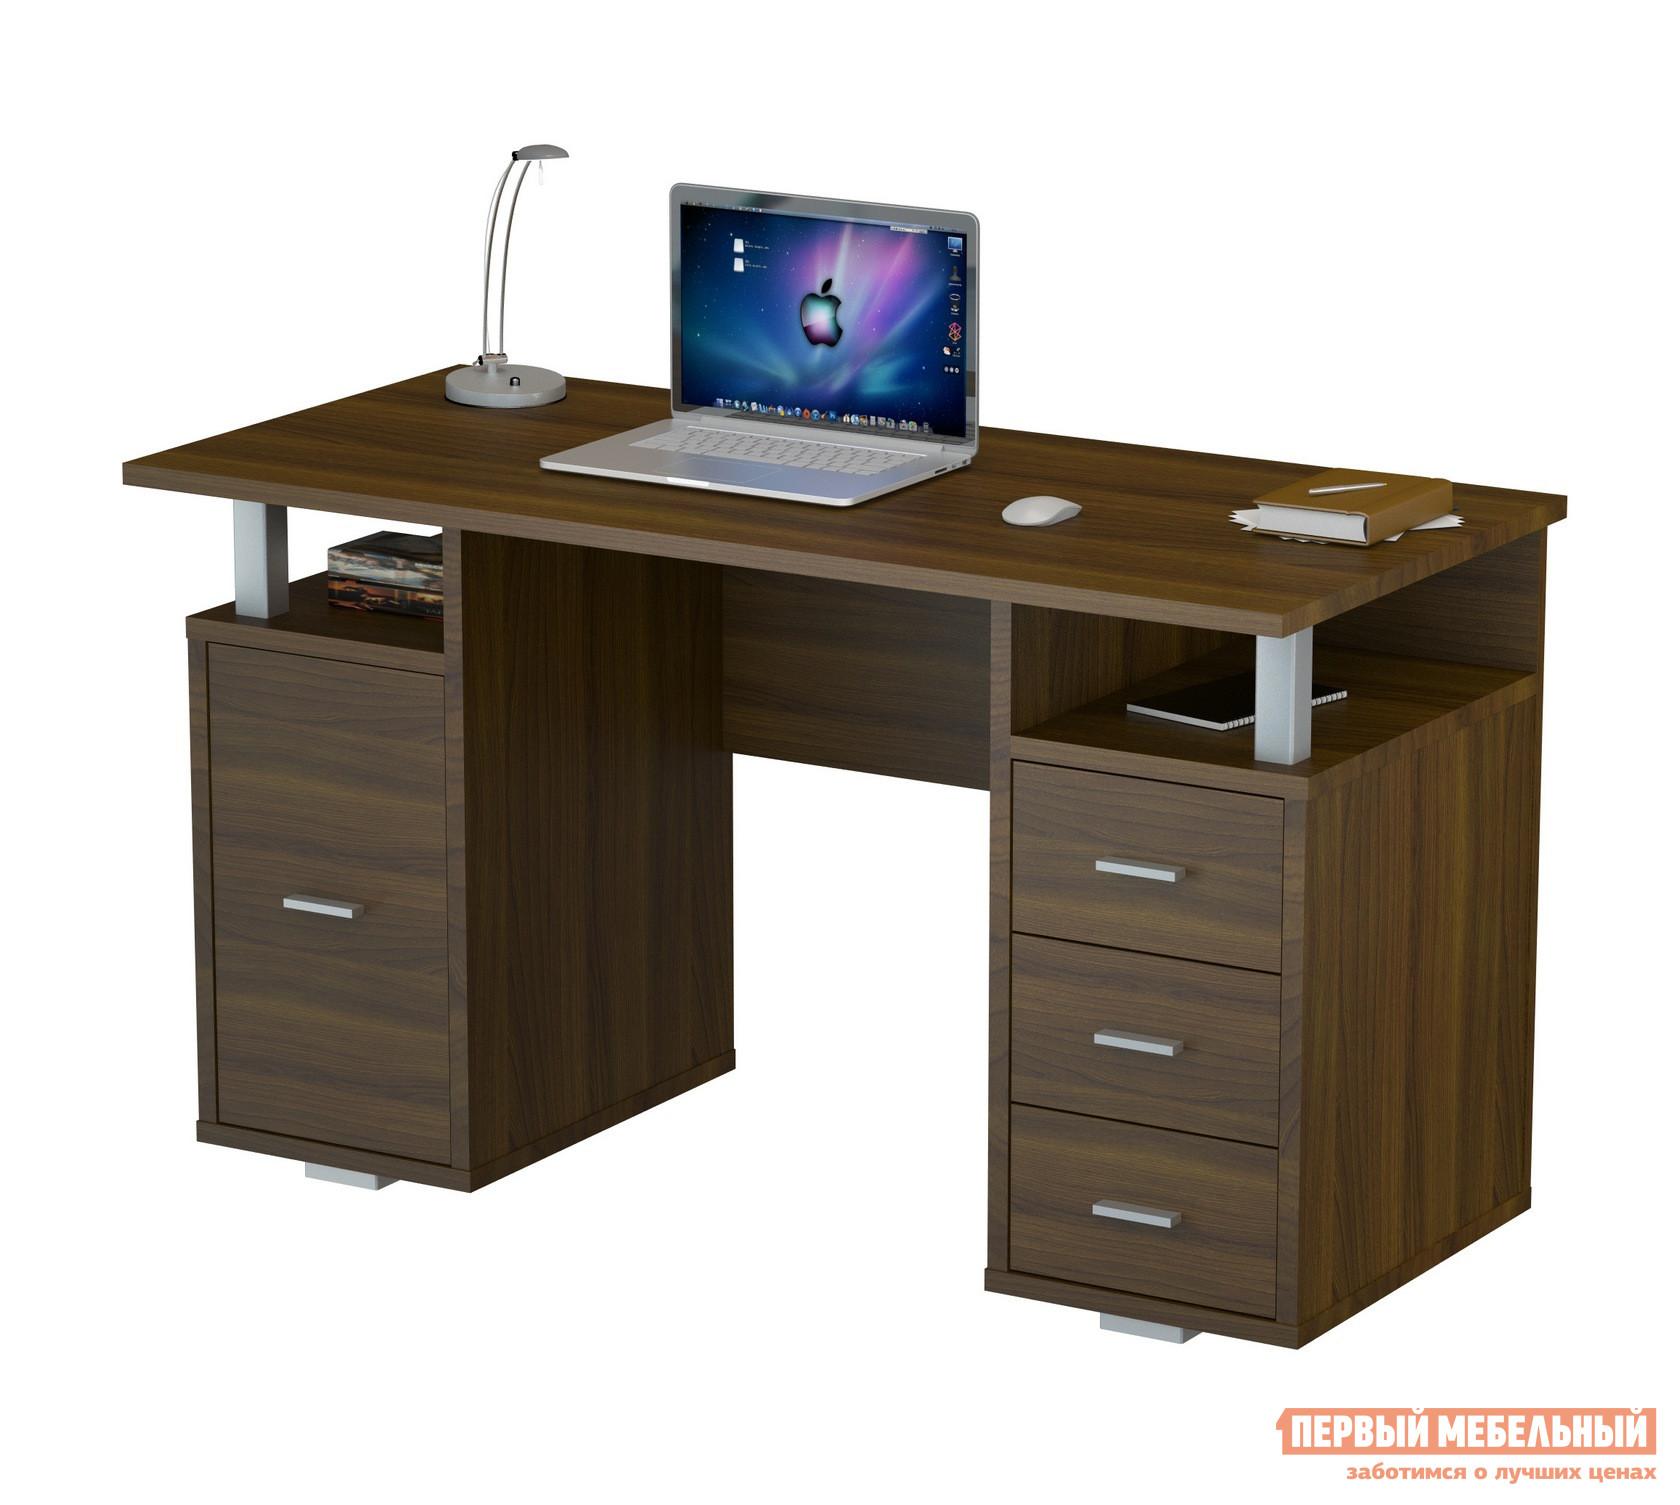 Письменный стол ВасКо ПС 40-07 Орех Валенсия ВасКо Габаритные размеры ВхШхГ 750x1300x600 мм. Письменный стол. <br>Стол изготовлен из высококачественной ламинированной ДСП толщиной 22 мм, торцевые поверхности облицованы высокопрочной кромкой ПВХ.  <br>За счет специальной конструкции, изделие позволяет производить сборку в зеркальном исполнении.  <br>Стол оснащен вместительной тумбой  и тремя выдвижными ящиками для хранения различных канцелярских принадлежностей.  Также имеется две полки, куда при желании можно поместить необходимые документы или книги. <br>Данная модель удачным образом совместила в себе стильный дизайн и функциональность, благодаря чему она идеально подойдет для работы как в офисе, так и дома.